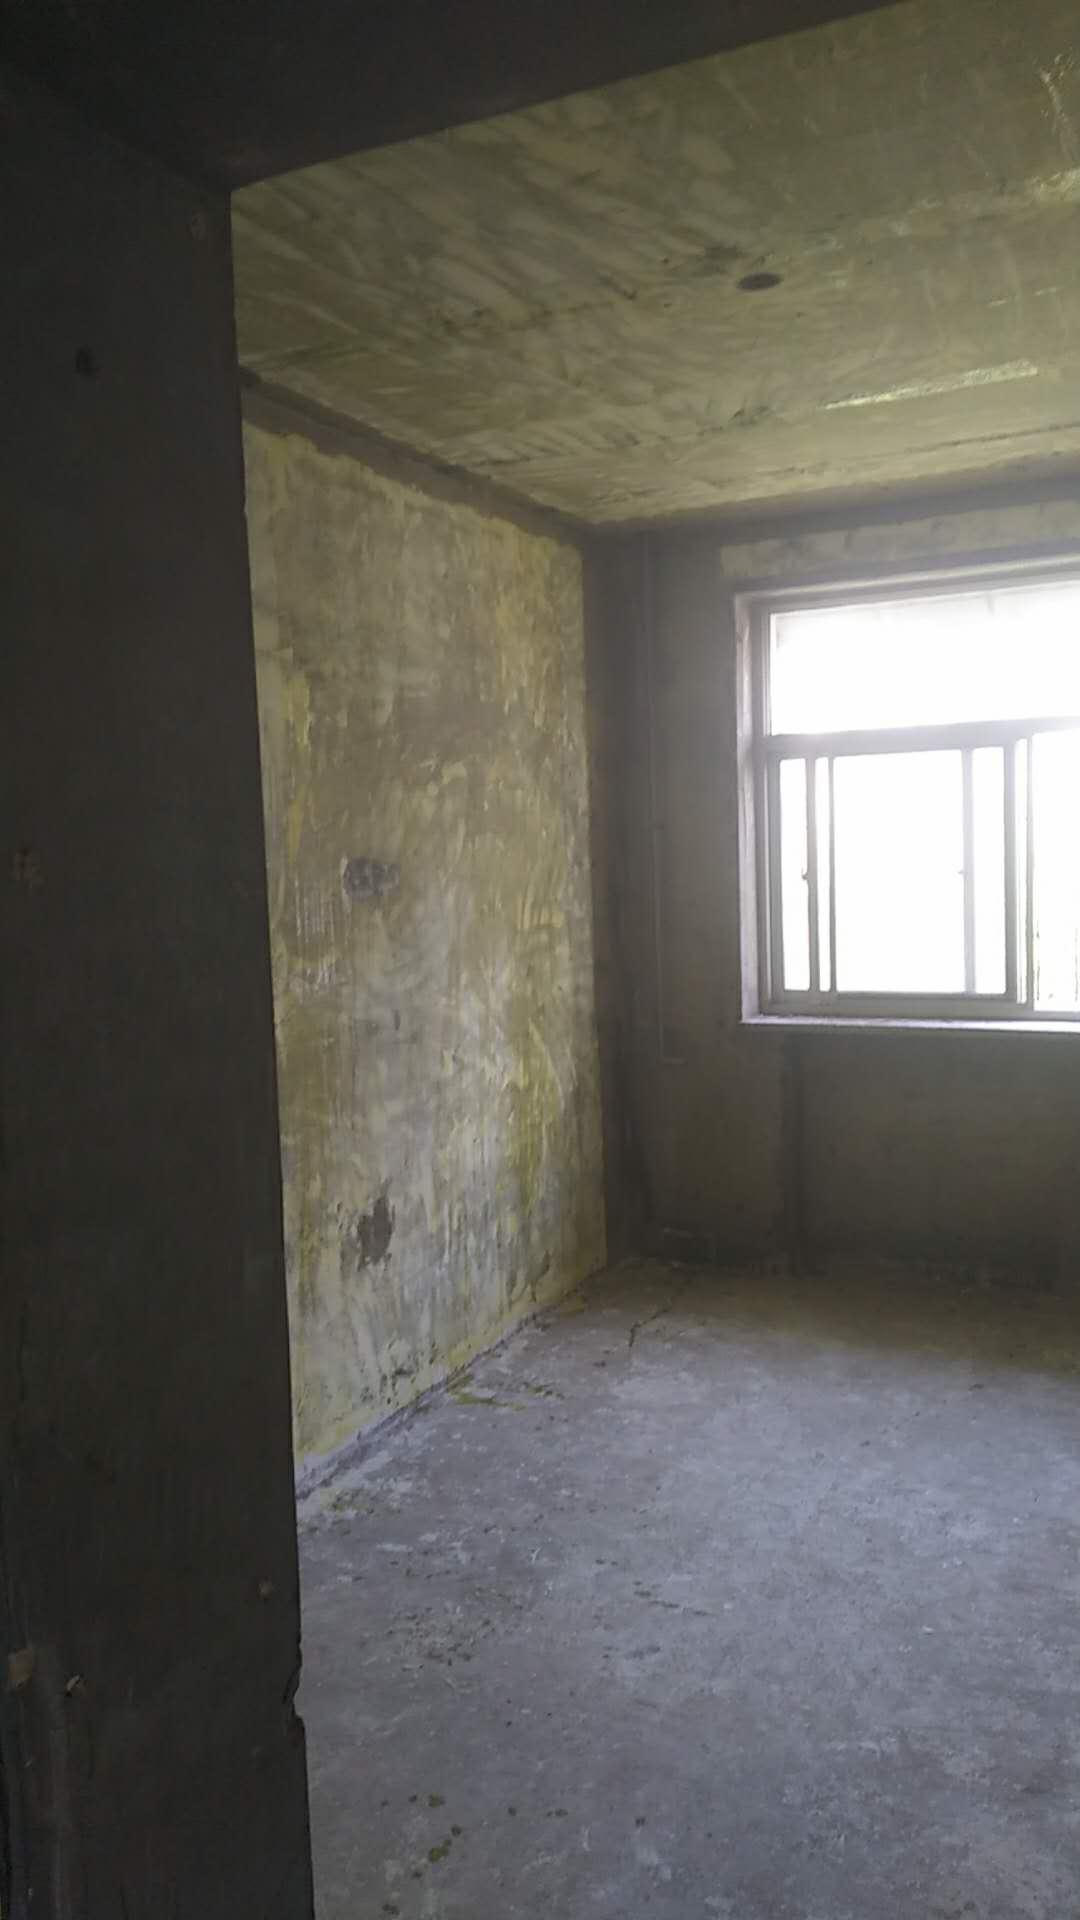 请问二手房改造,铺地暖和用砖封墙上的暖气洞,应该先进行哪一项?